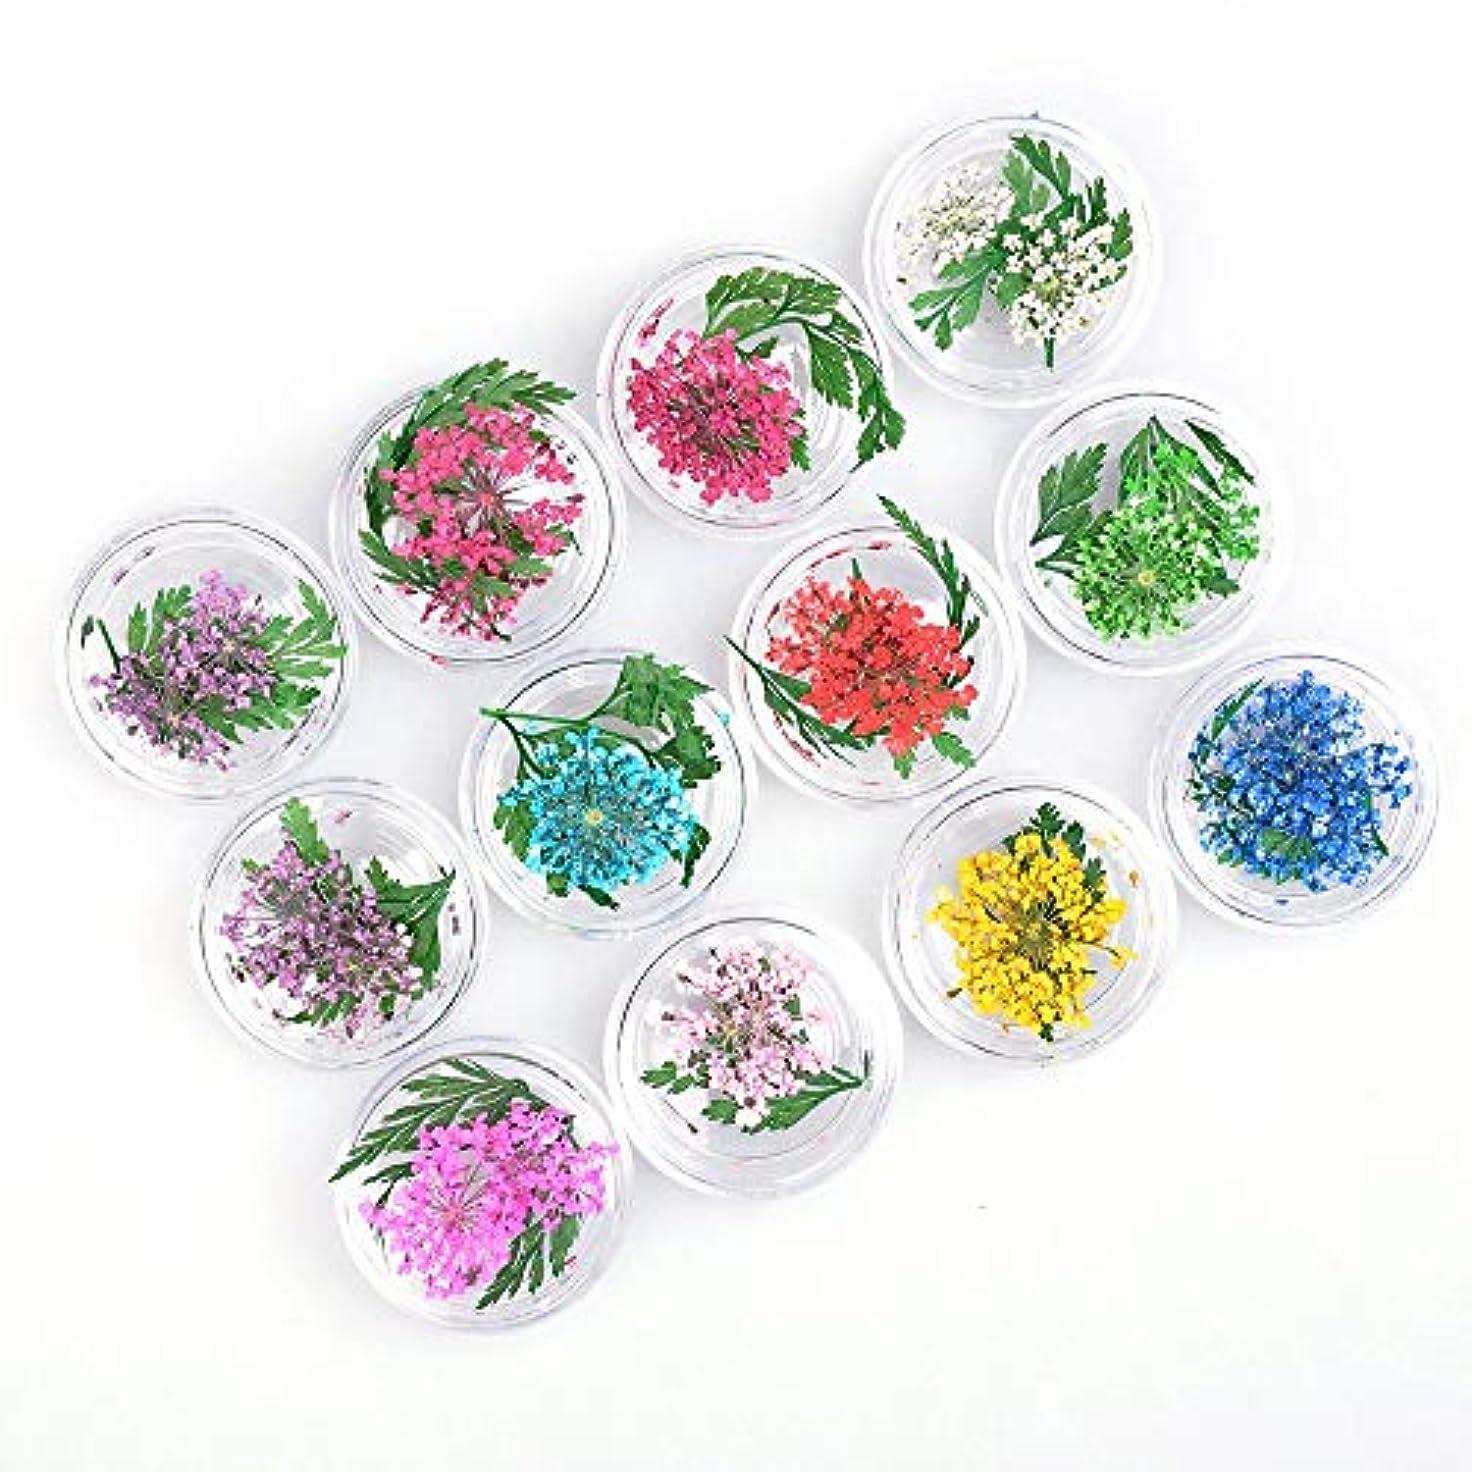 メジャーポスター管理する押し花 ドライフラワー 葉 3Dネイル レジンデコレーション 12種 色